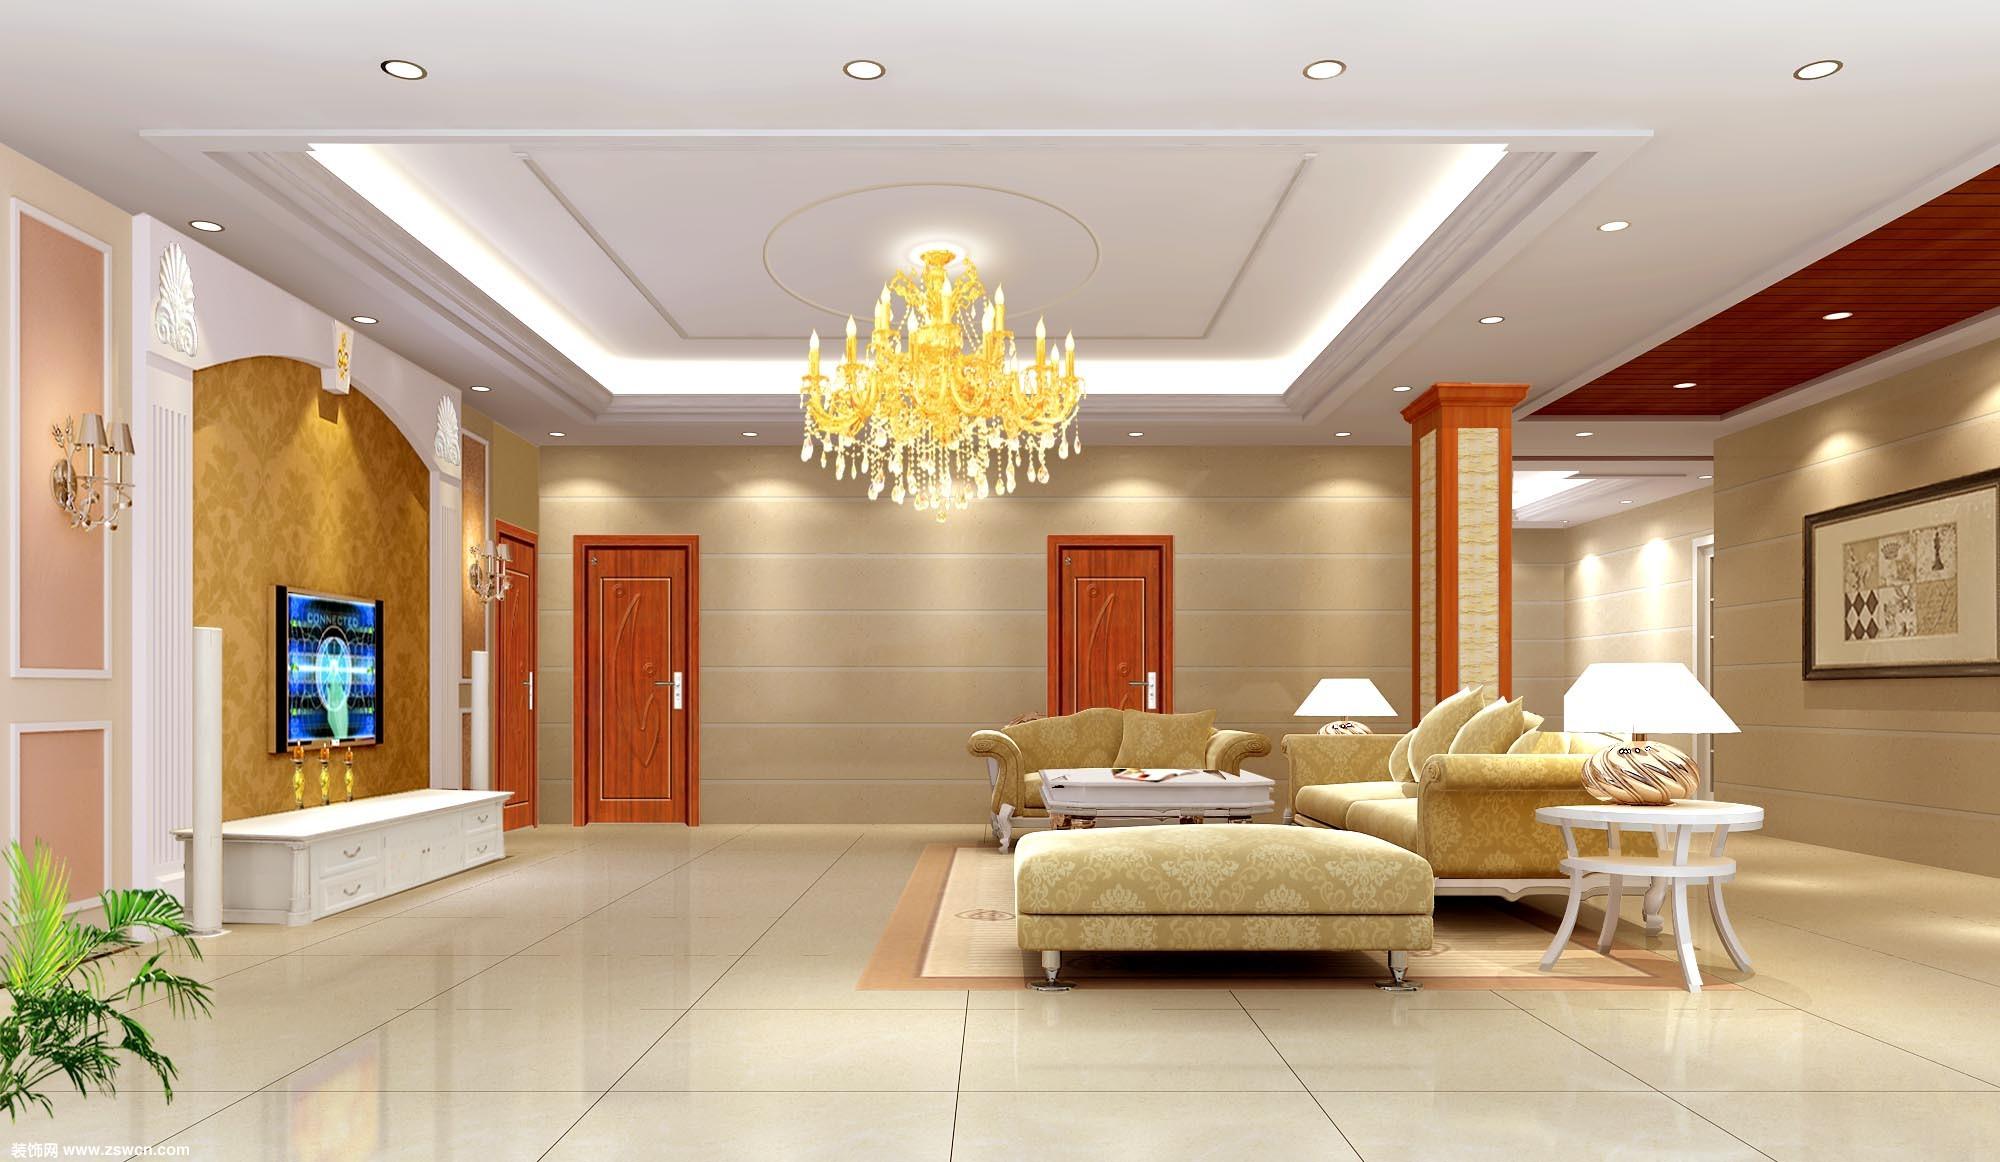 室内装修卧室背景墙_家居室内装修现代简约风格-安全、健康、温馨 - 卧室装修设计 ...